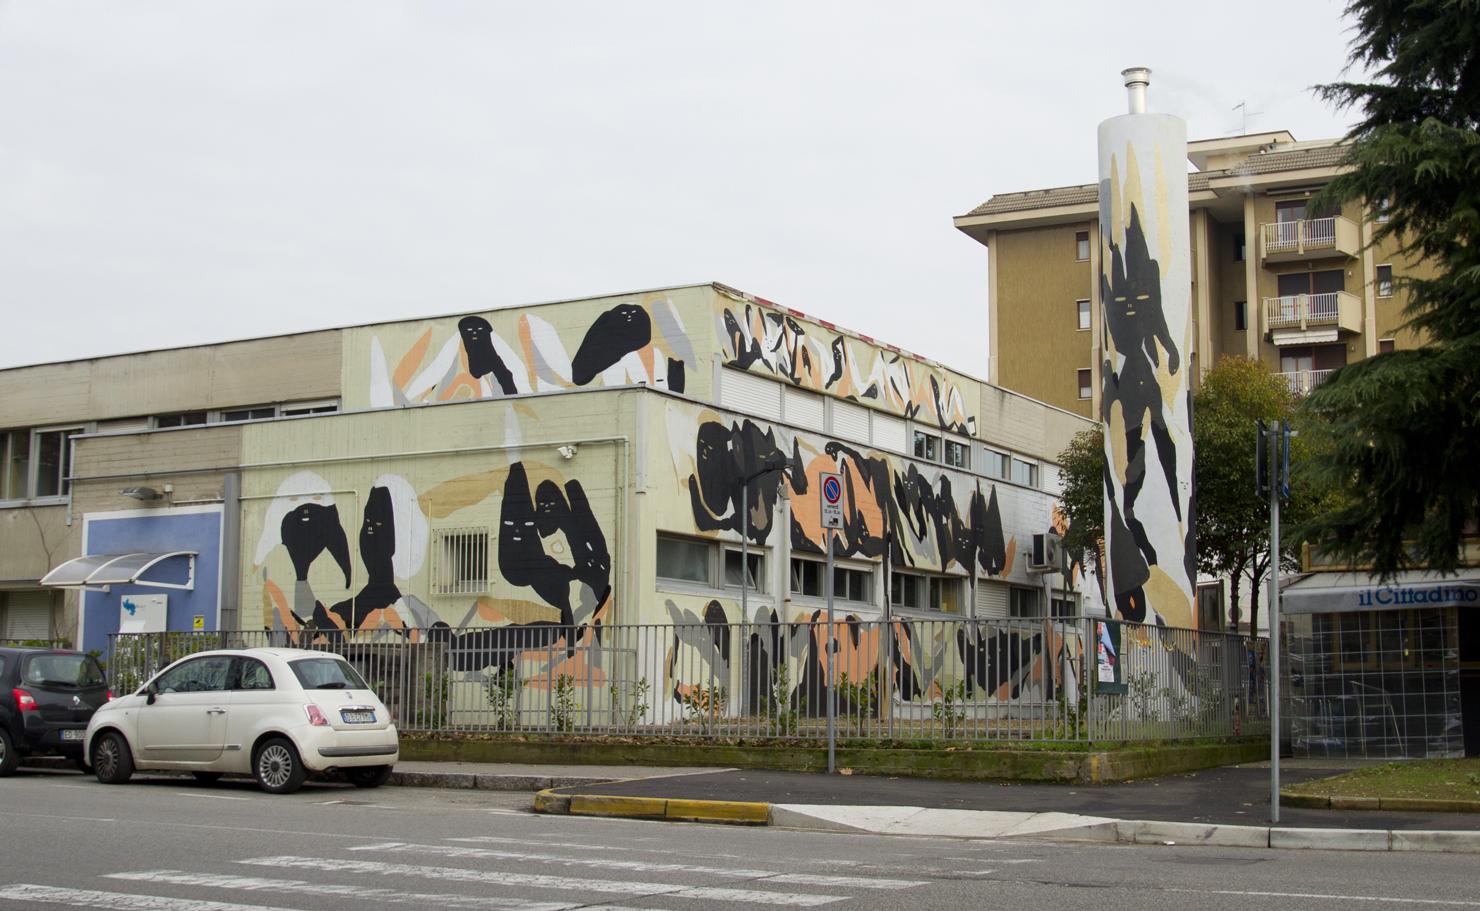 giorgio-bartocci-new-mural-in-monza-02